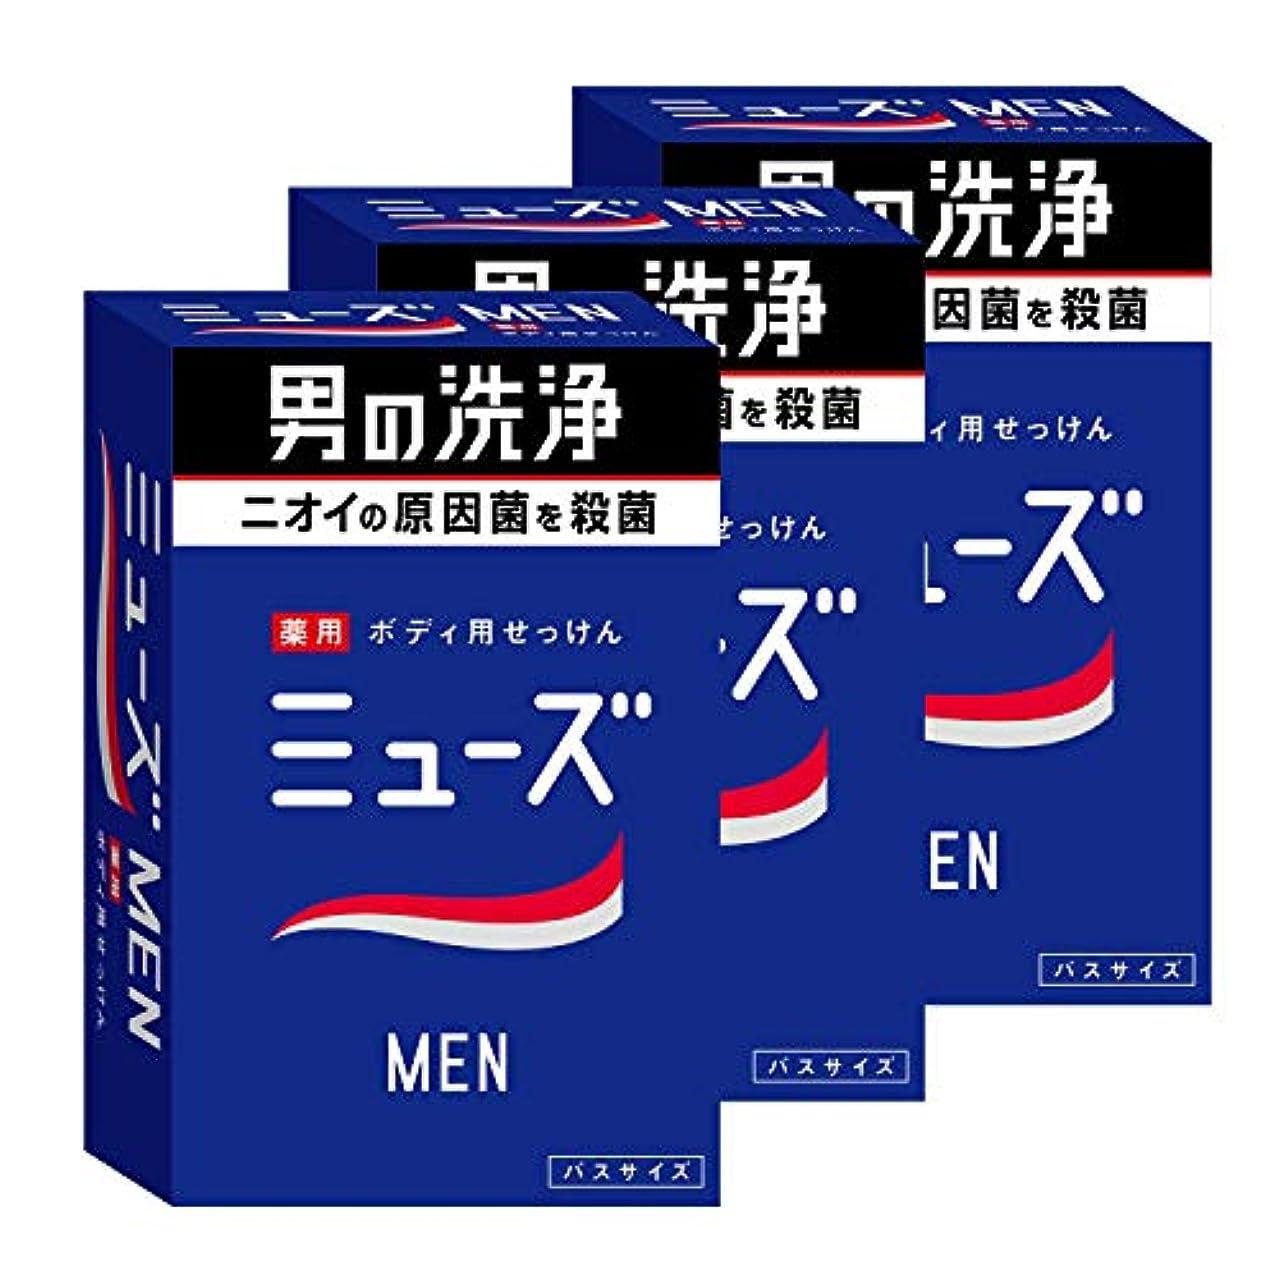 に話す認識肉の【医薬部外品】ミューズメン ボディ用 石鹸 135g ×3個 消臭